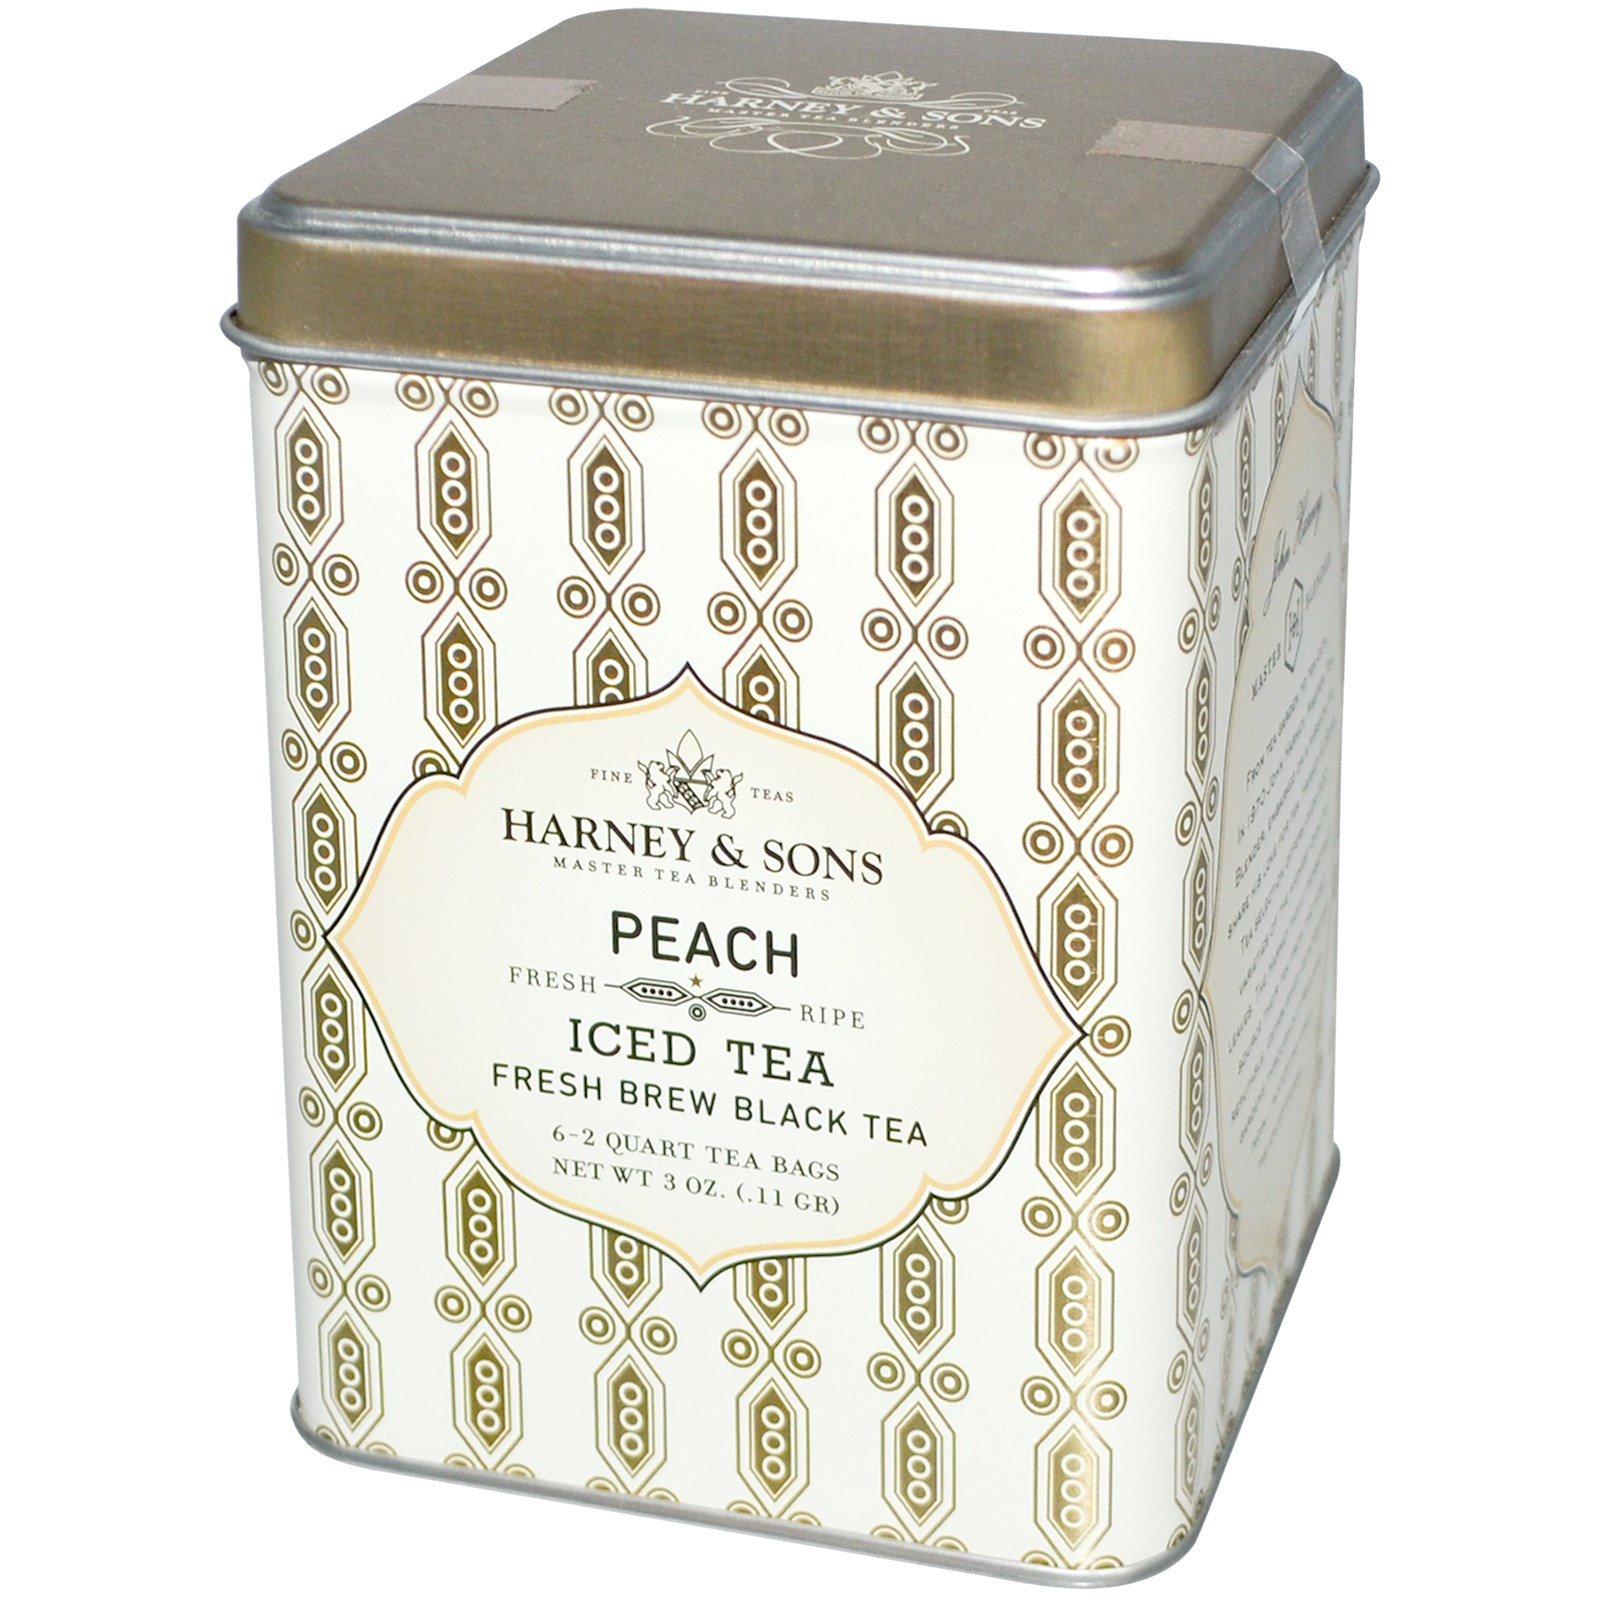 Harney Sons Peach Iced Tea 6 2 Quart Bags 3